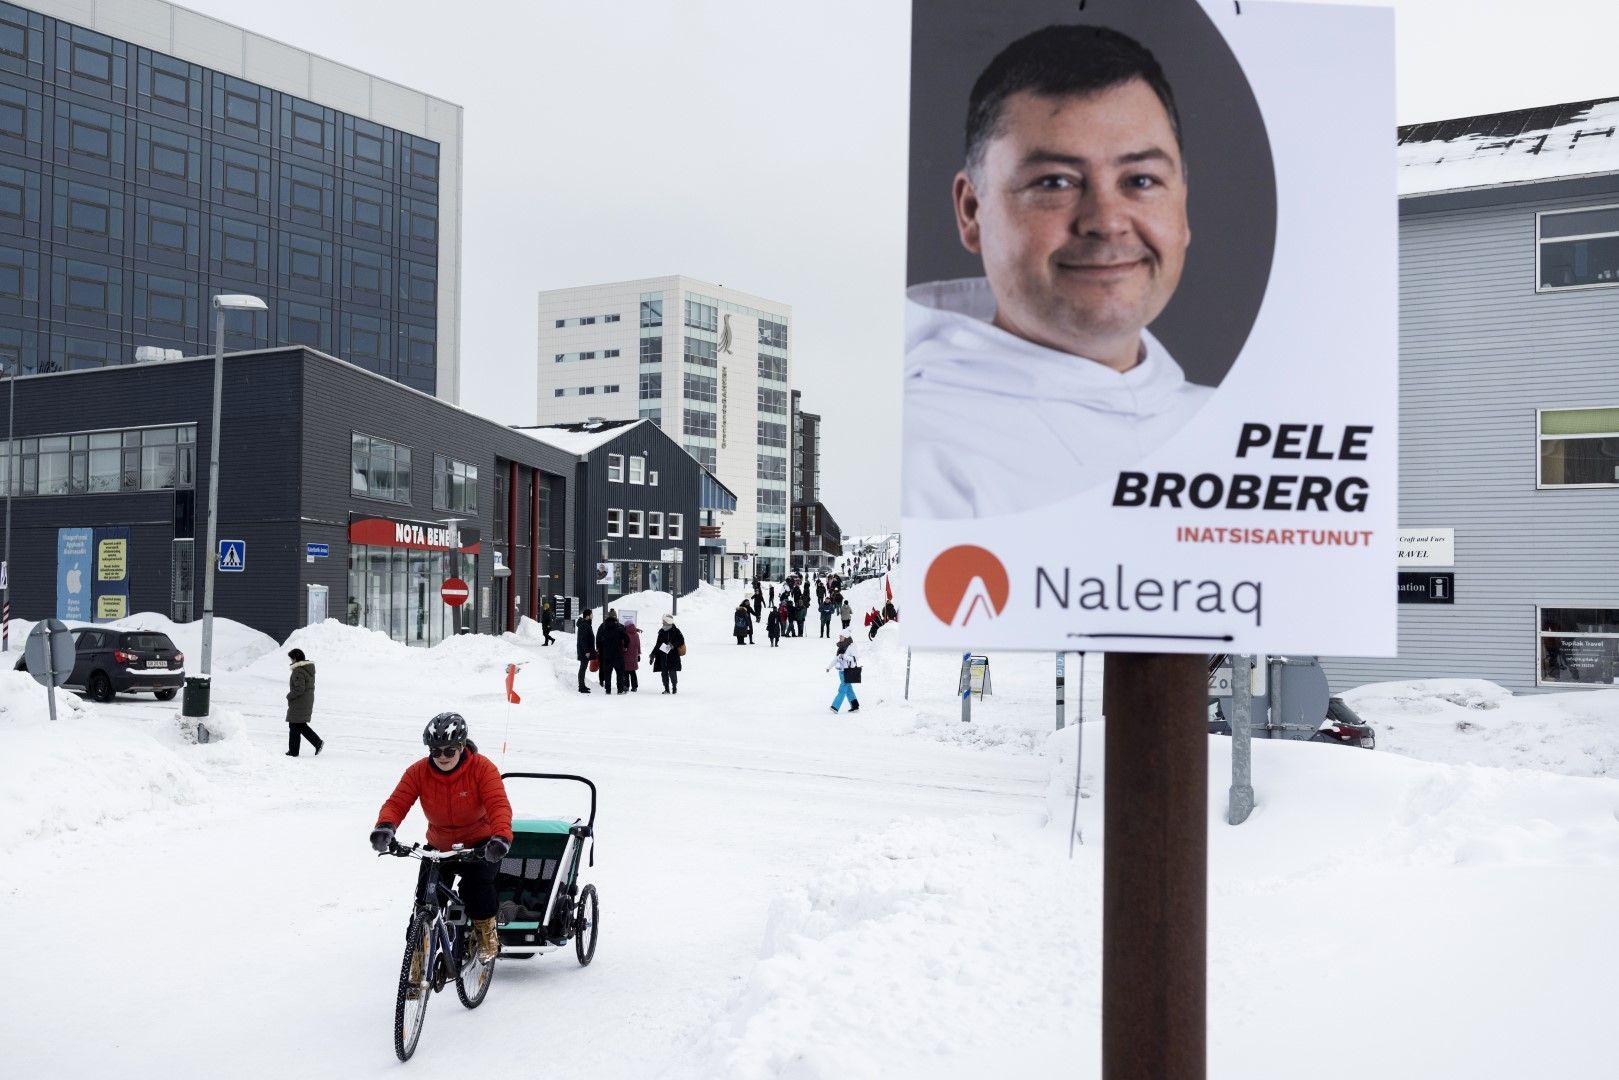 Изборeн плакат за Пеле Броберг, който се кандидатира за партията Налерак (Naleraq), в Нуук, петък, 25 март 2021 г. Гренландия ще проведе парламентарни избори на 6 април